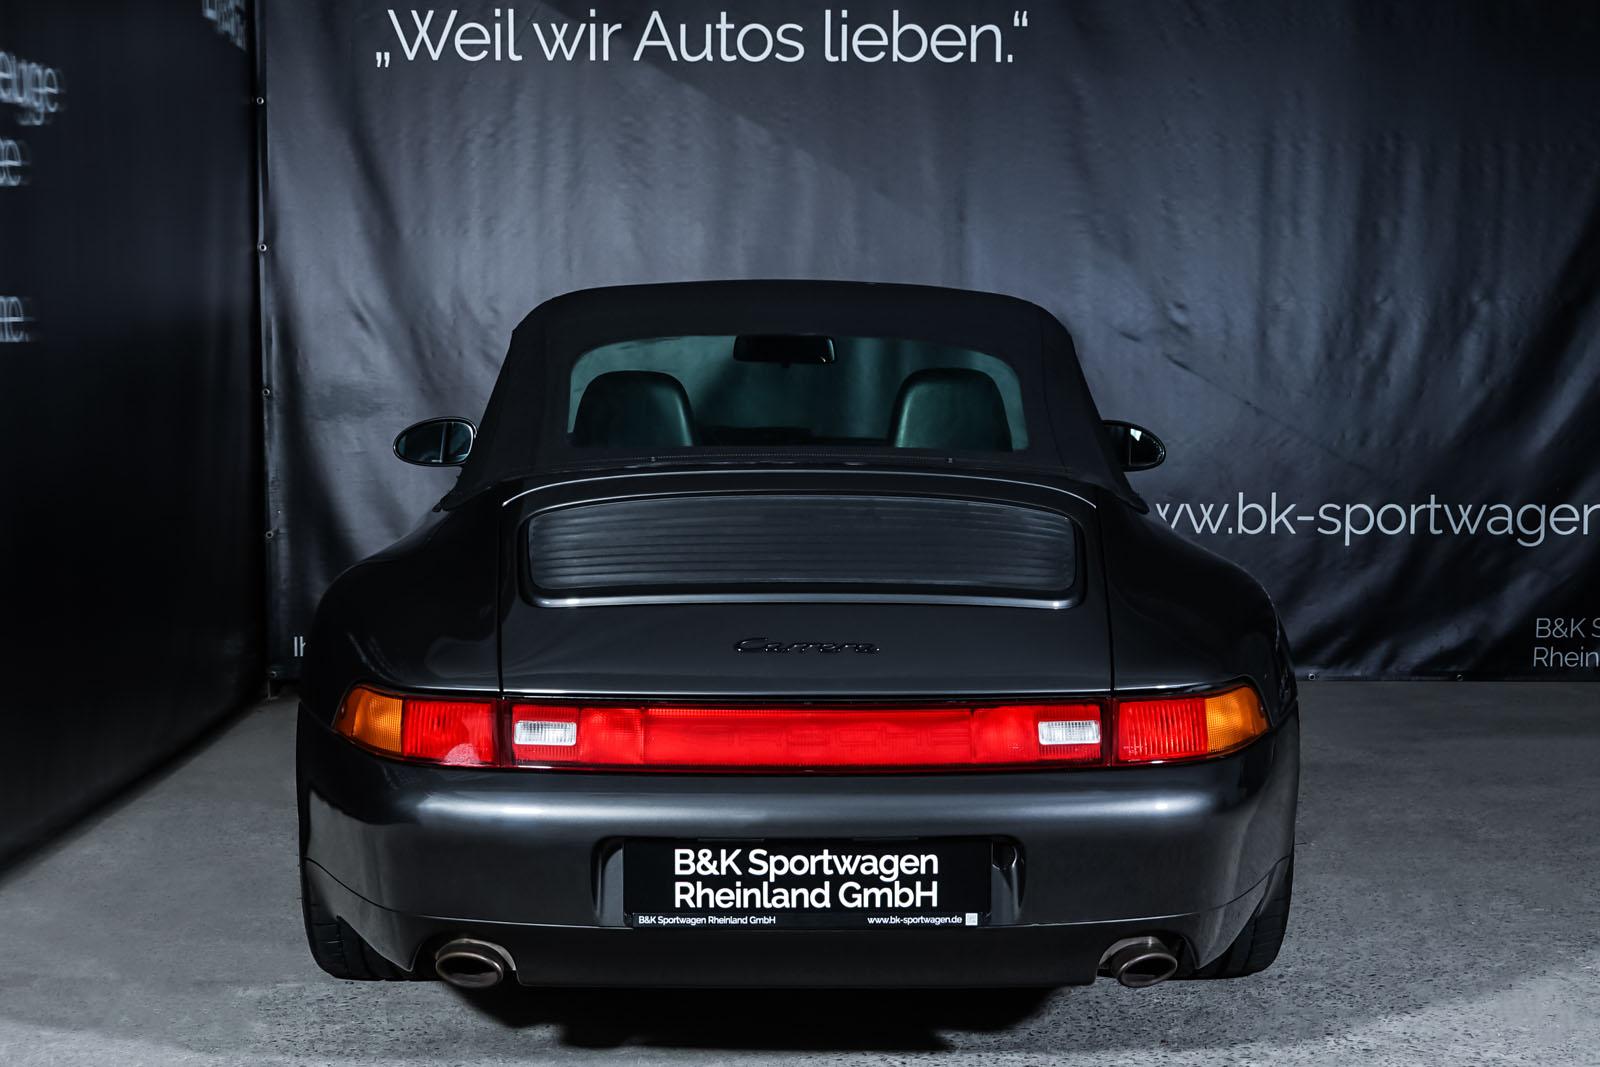 Porsche_993_Carrera_Cabrio_Grau_Schwarz_POR-2375_21_w